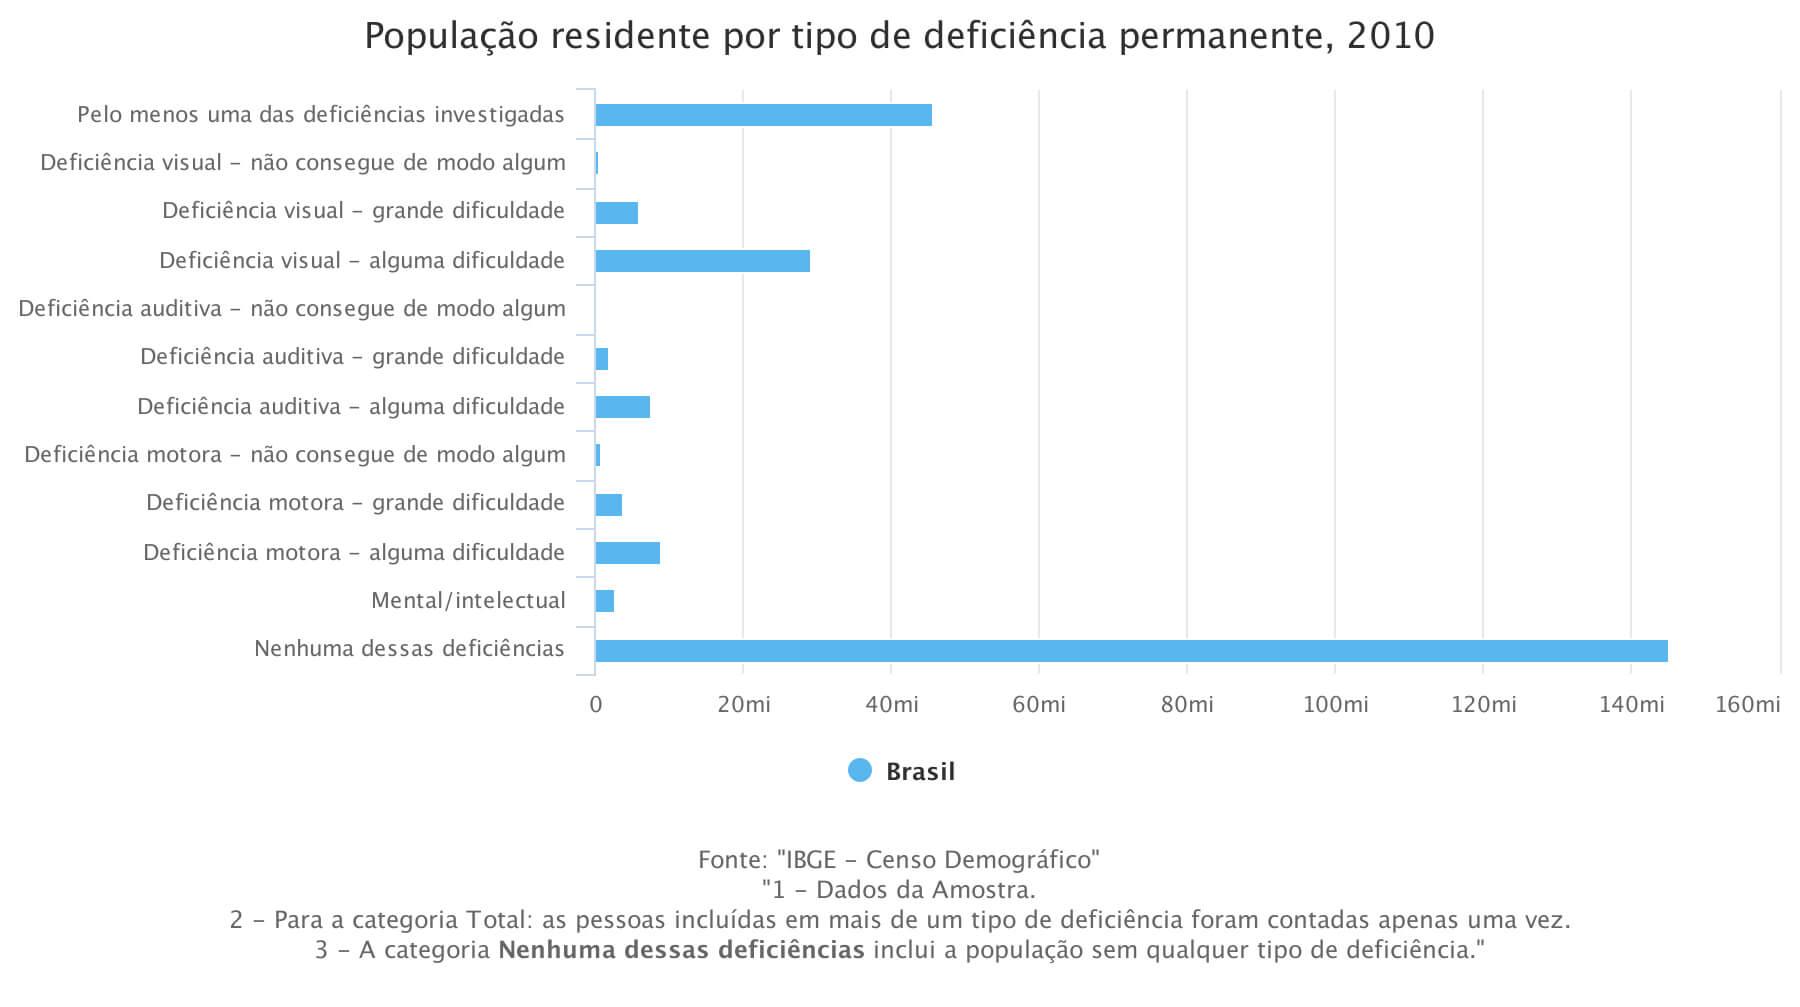 gráfico do IBGE, de 2010, mostrando a população residente por tipo de deficiência permanente